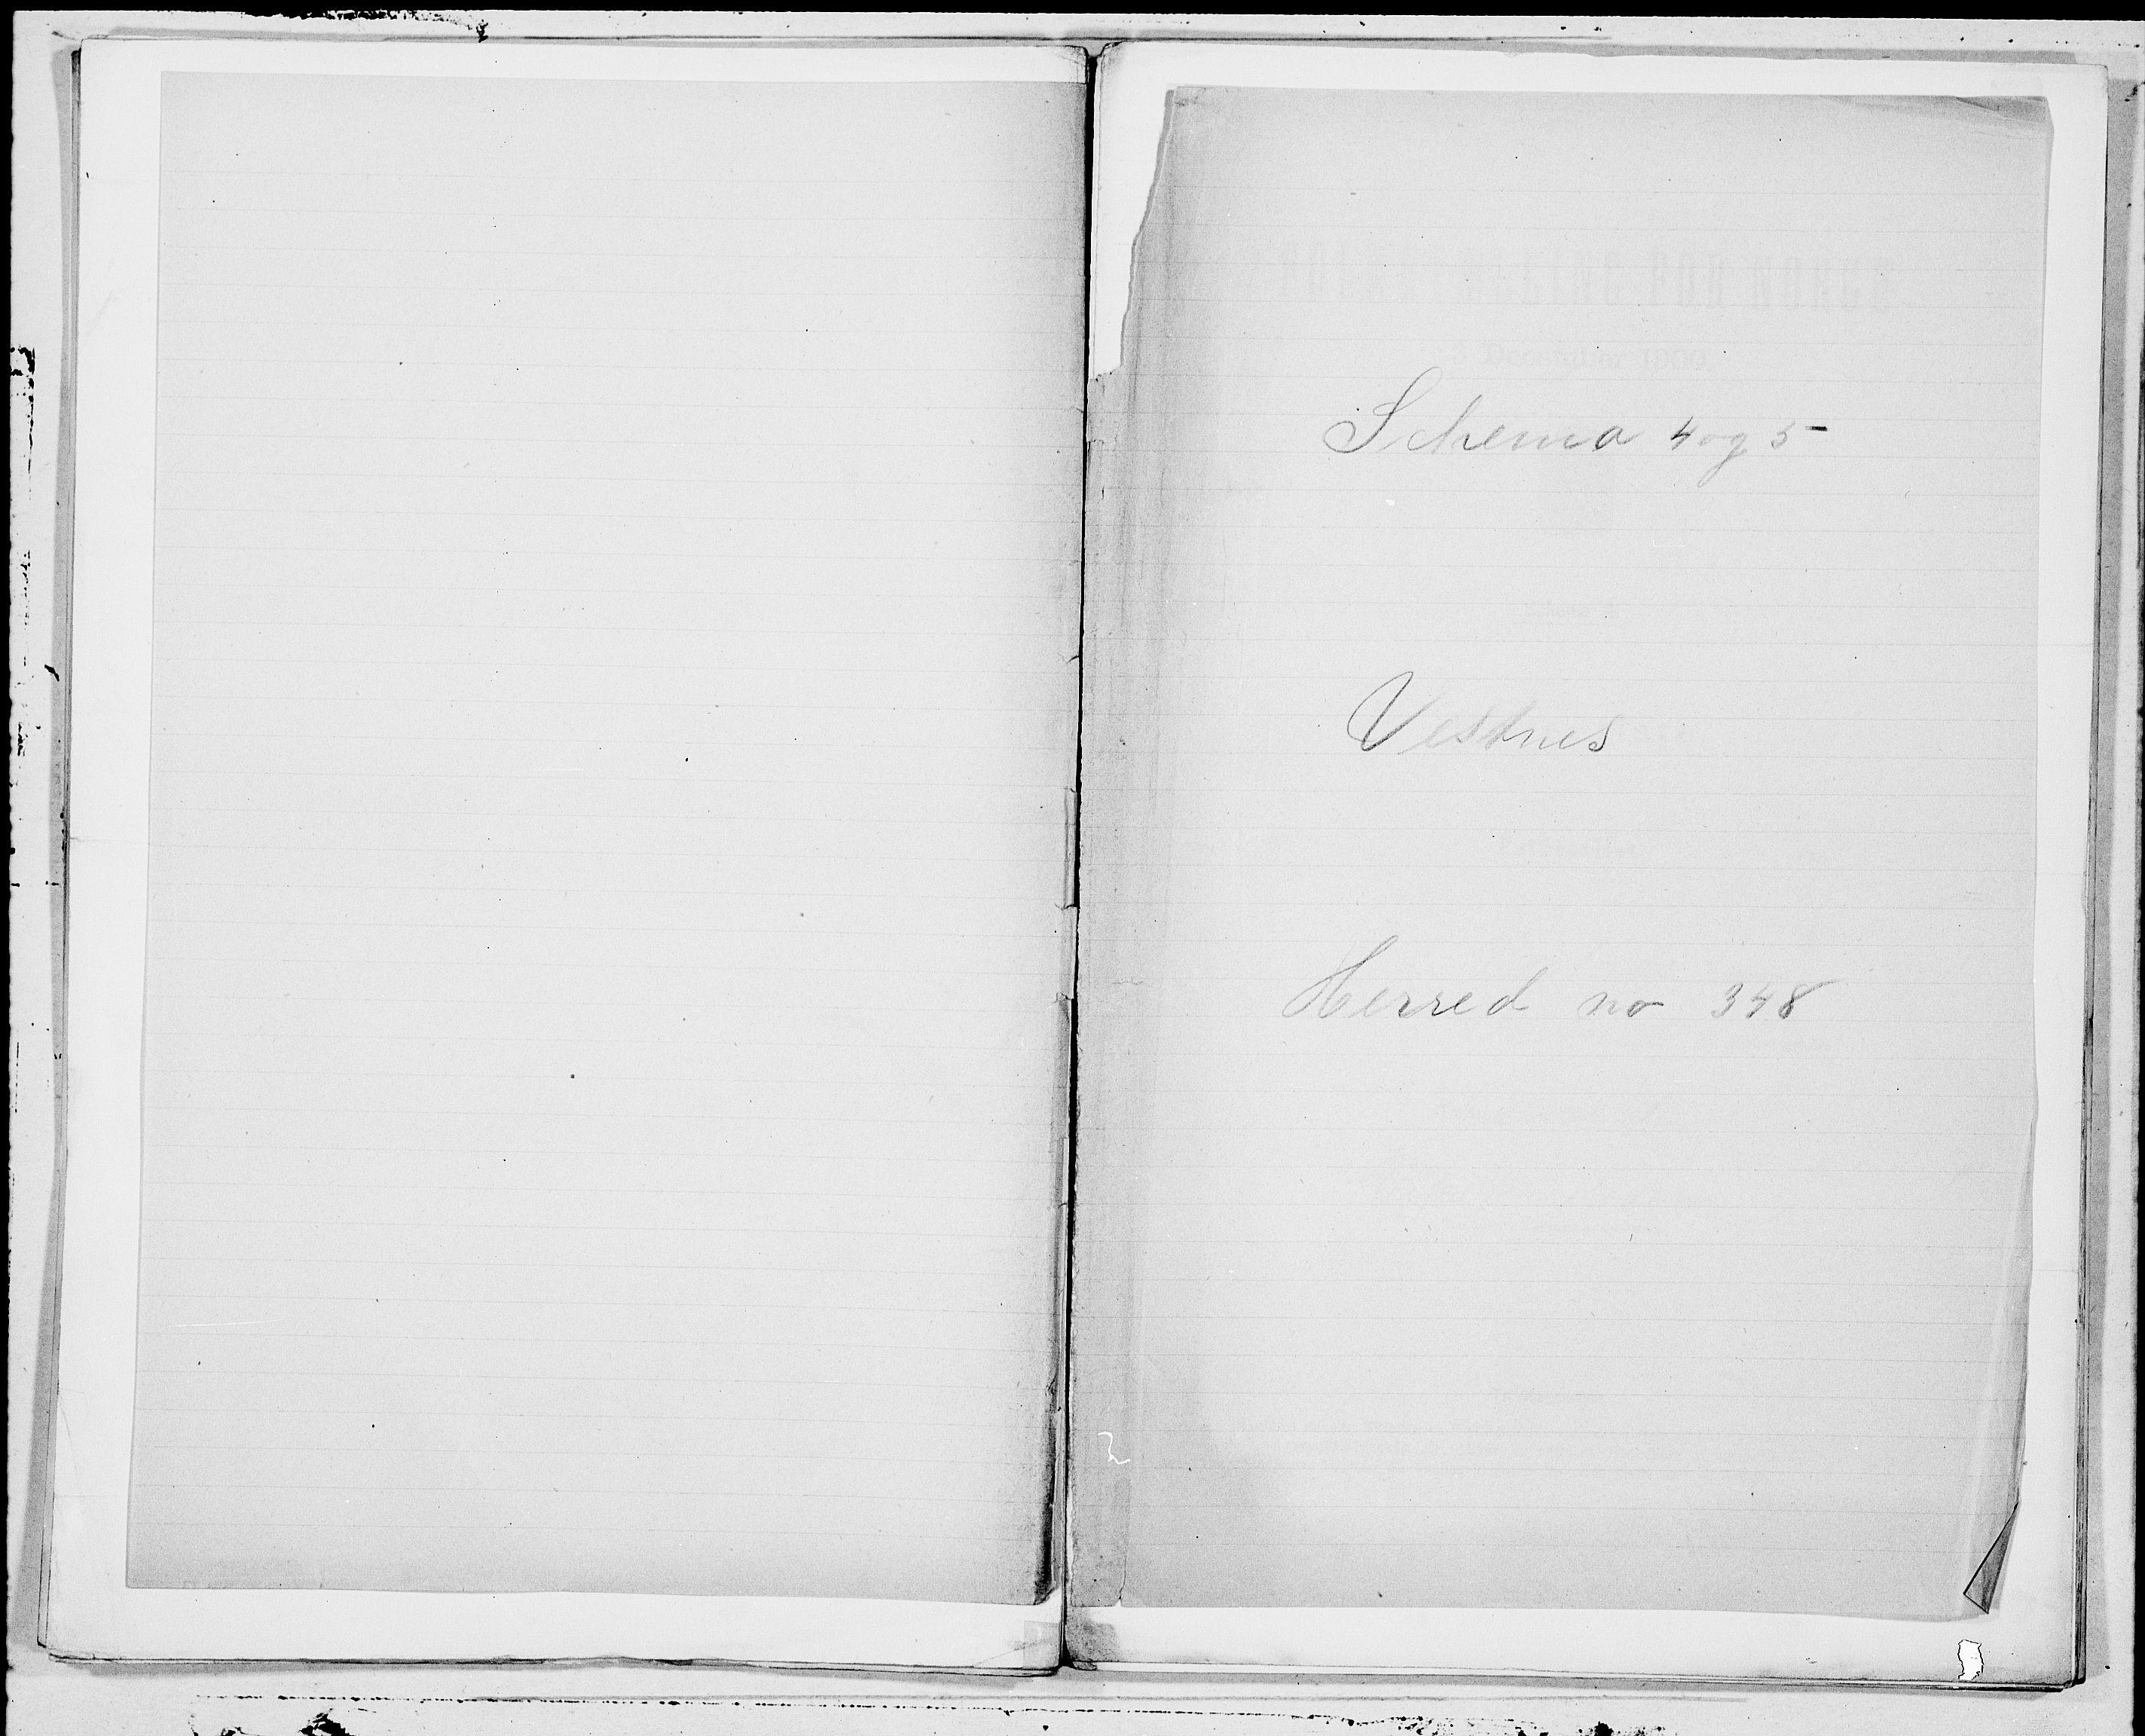 SAT, Folketelling 1900 for 1535 Vestnes herred, 1900, s. 1